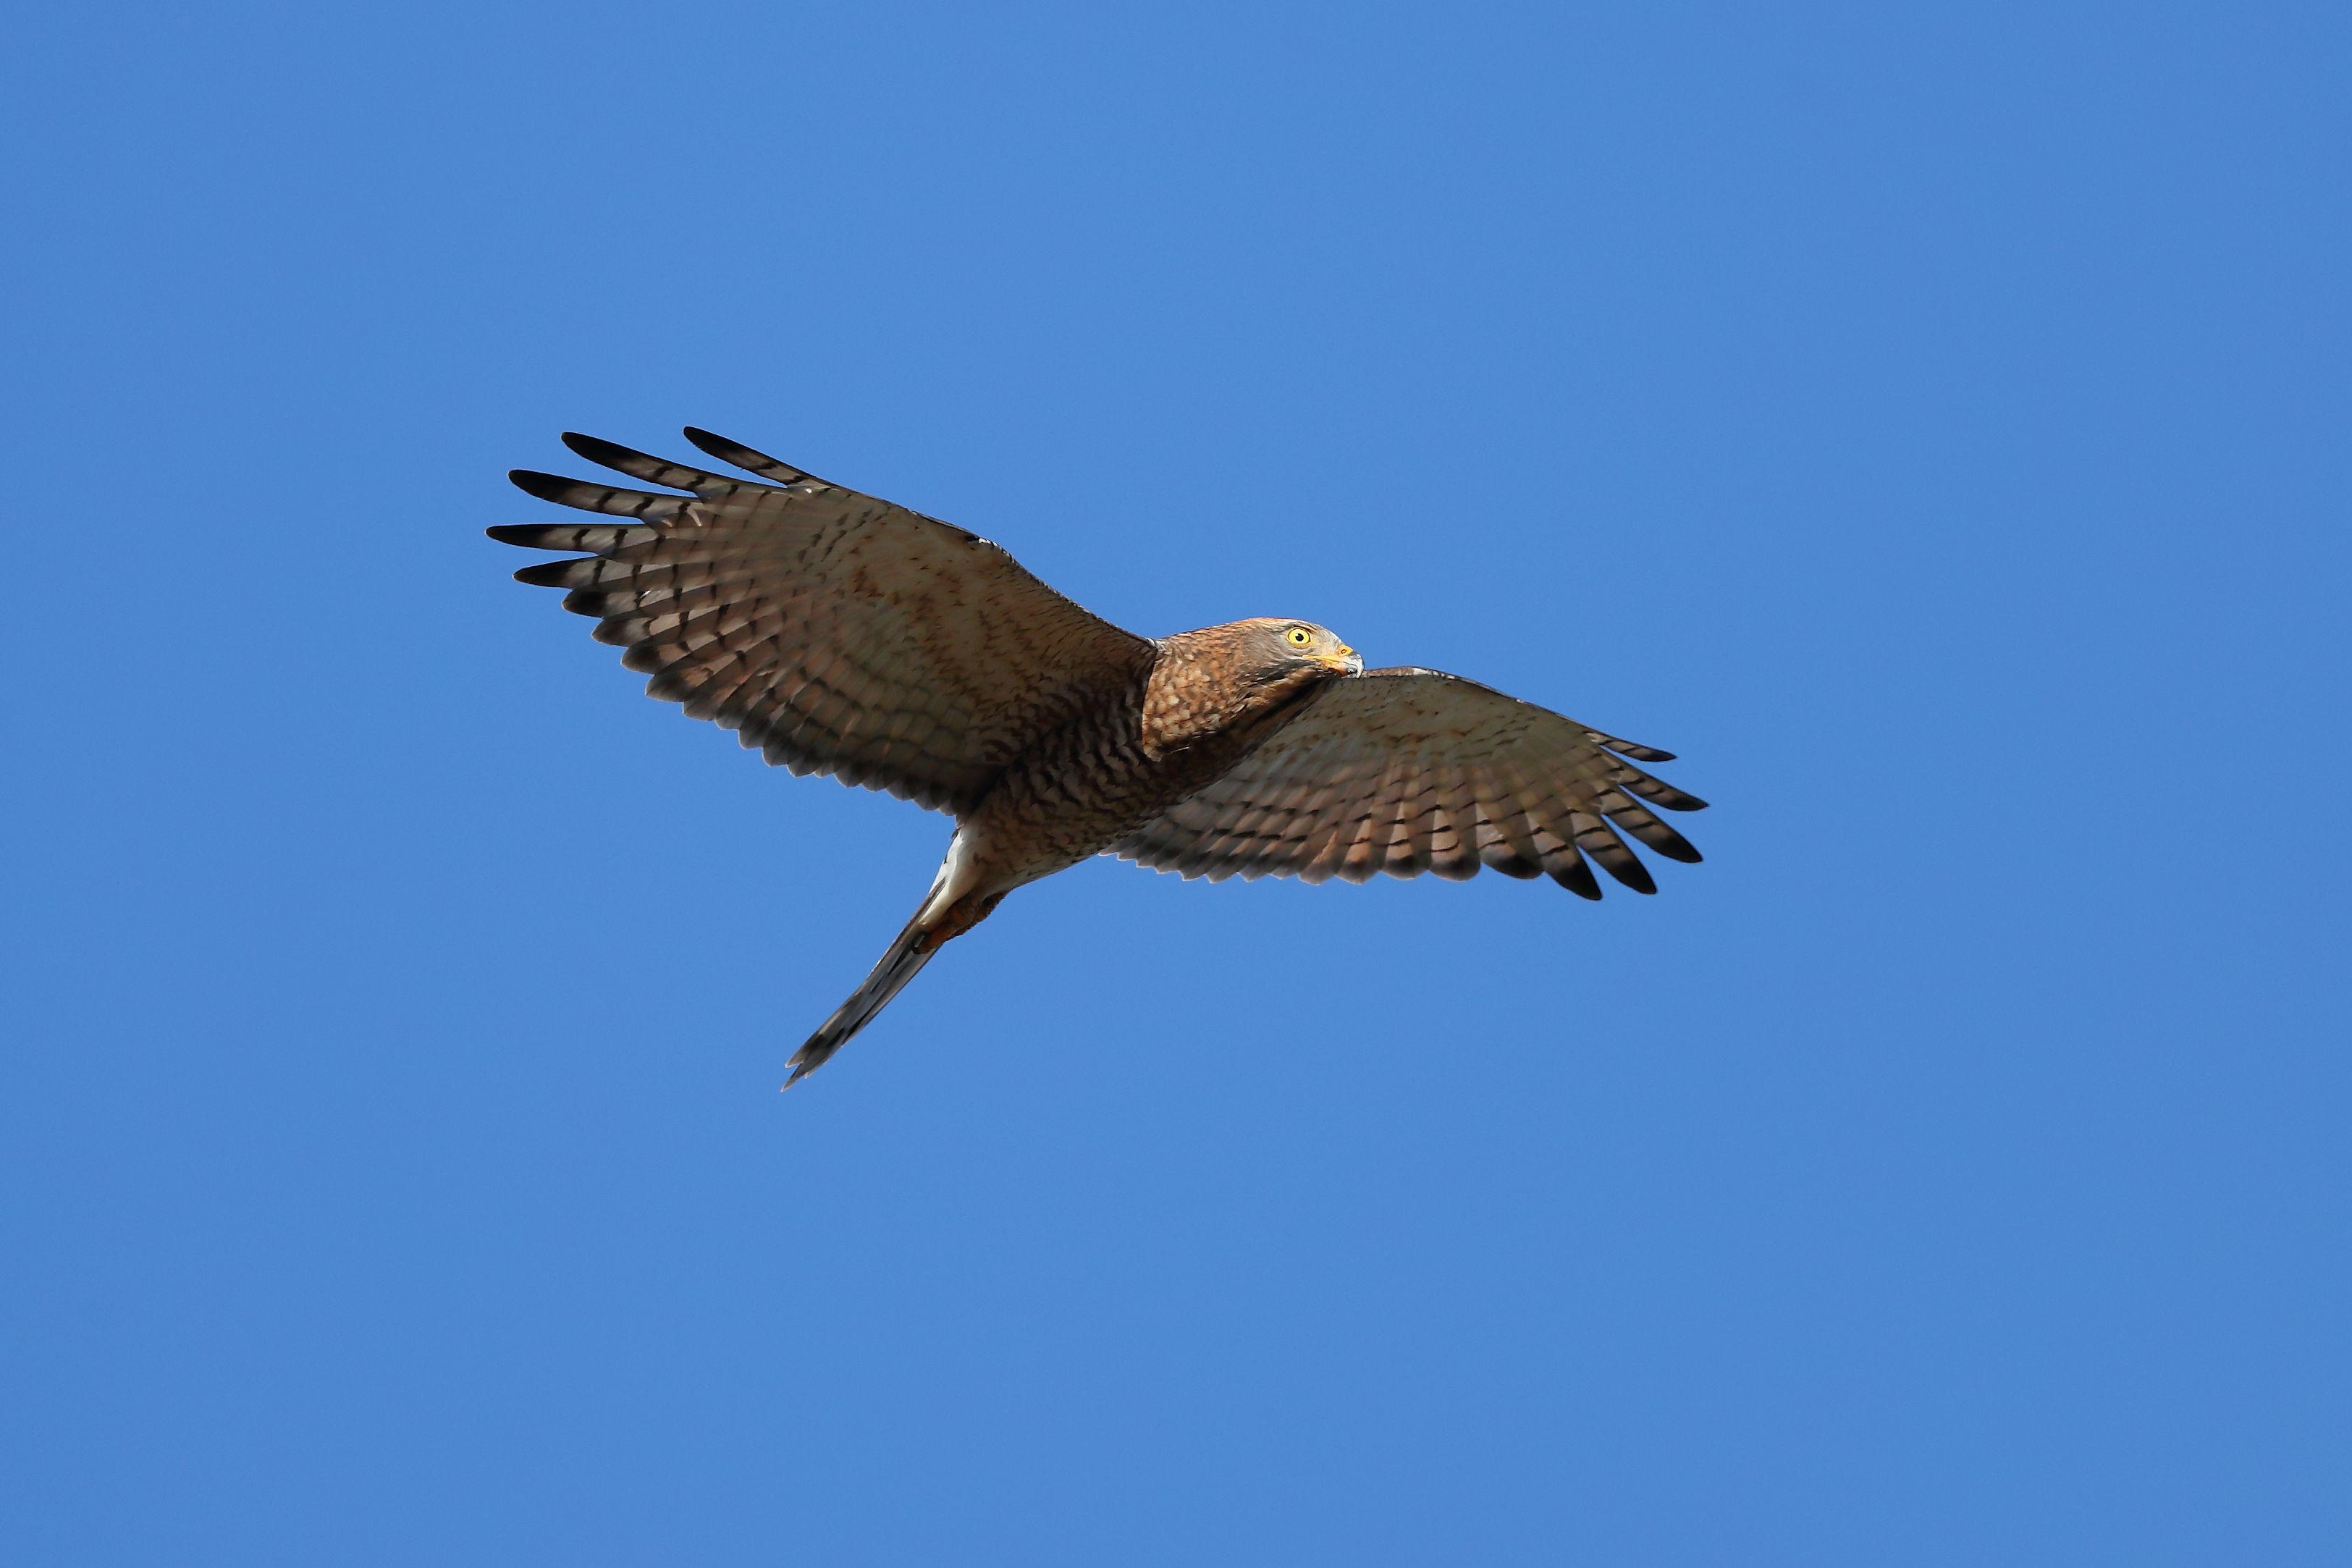 观音四秀-灰面鵟鹰飞翔英姿